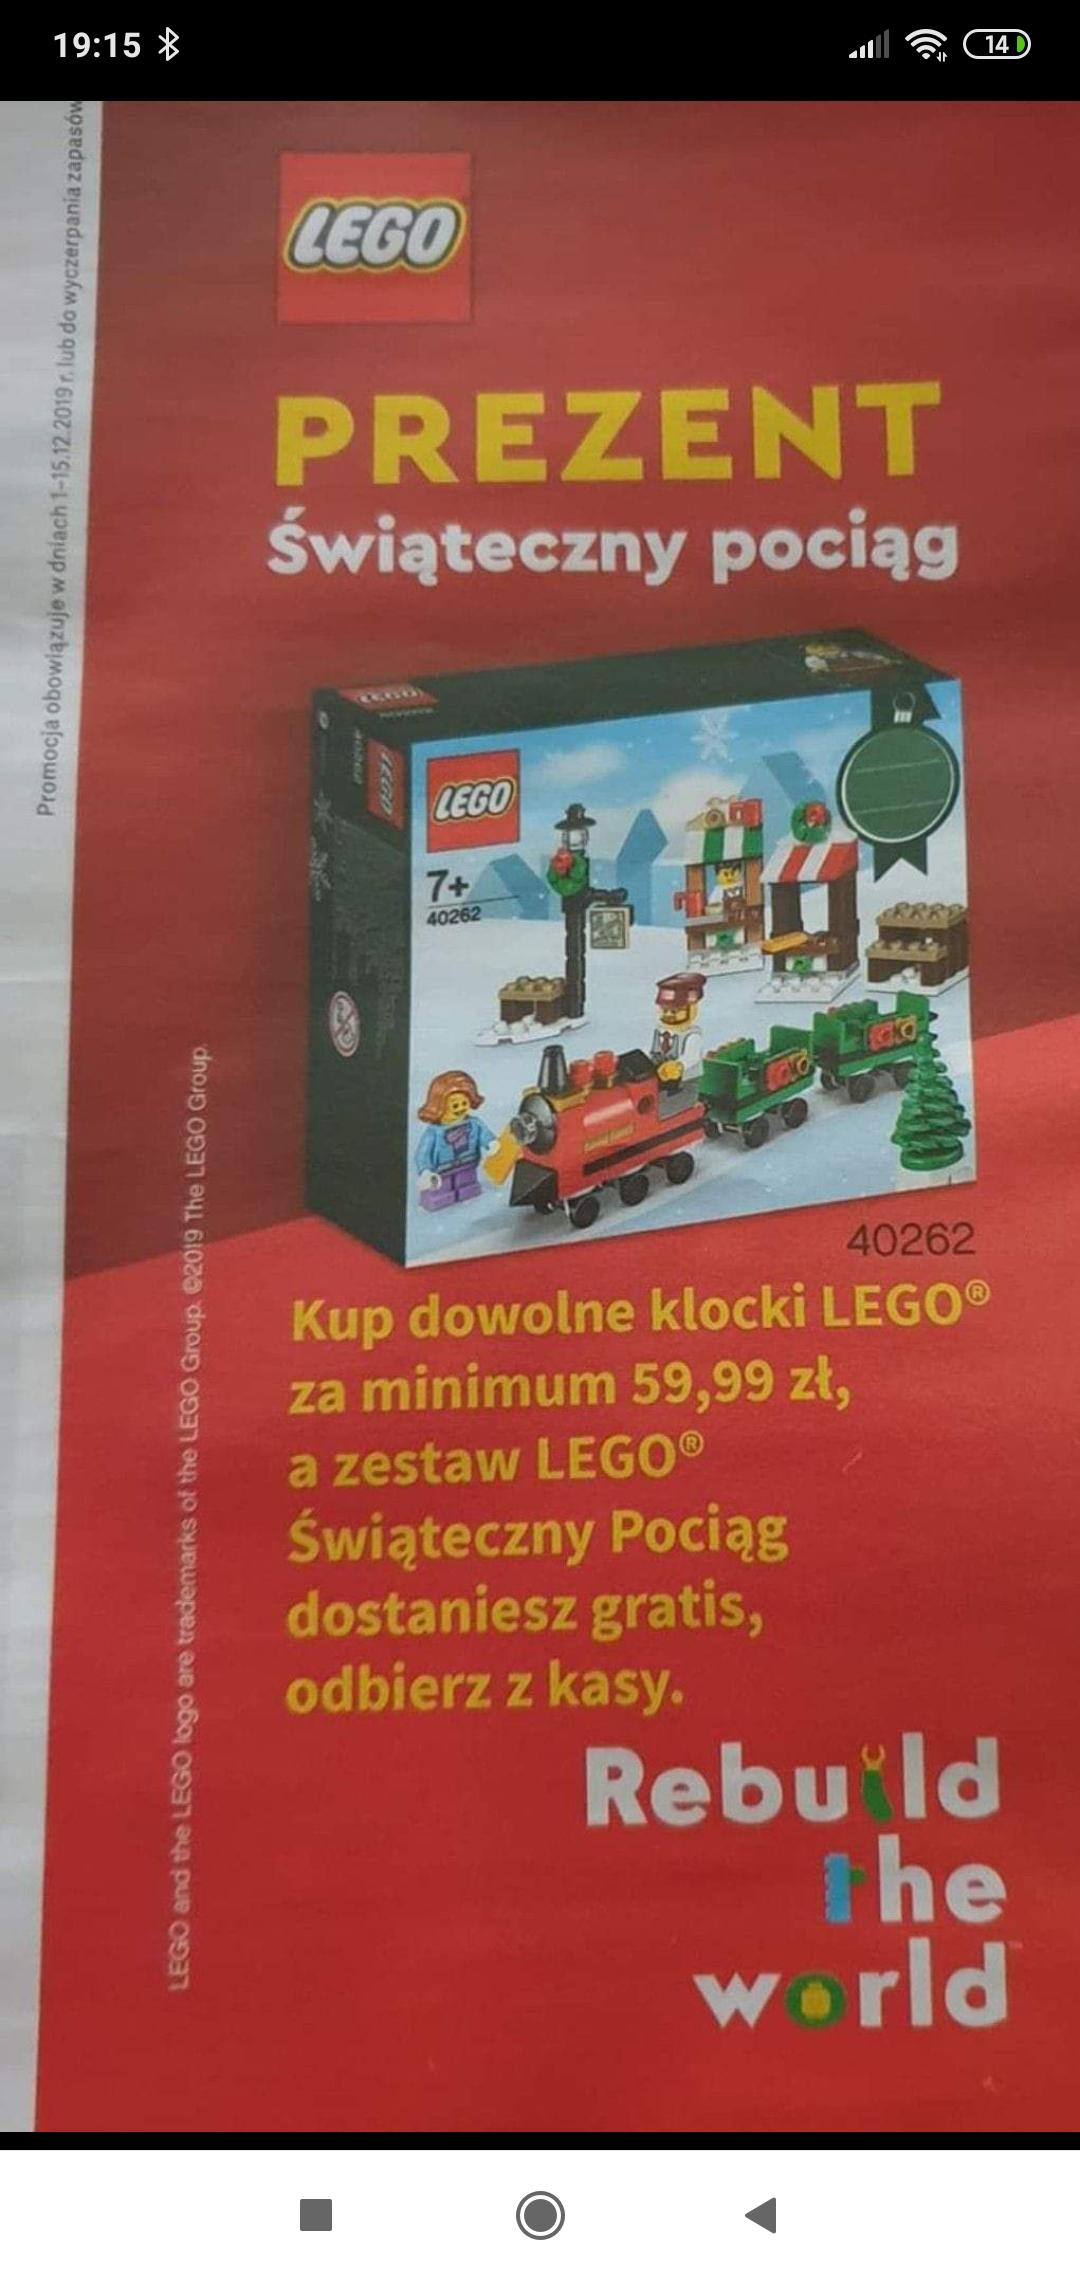 Rossmann - kup dowolne klocki LEGO za minimum 60 zł i odbierz gratis klocki LEGO świąteczny pociag